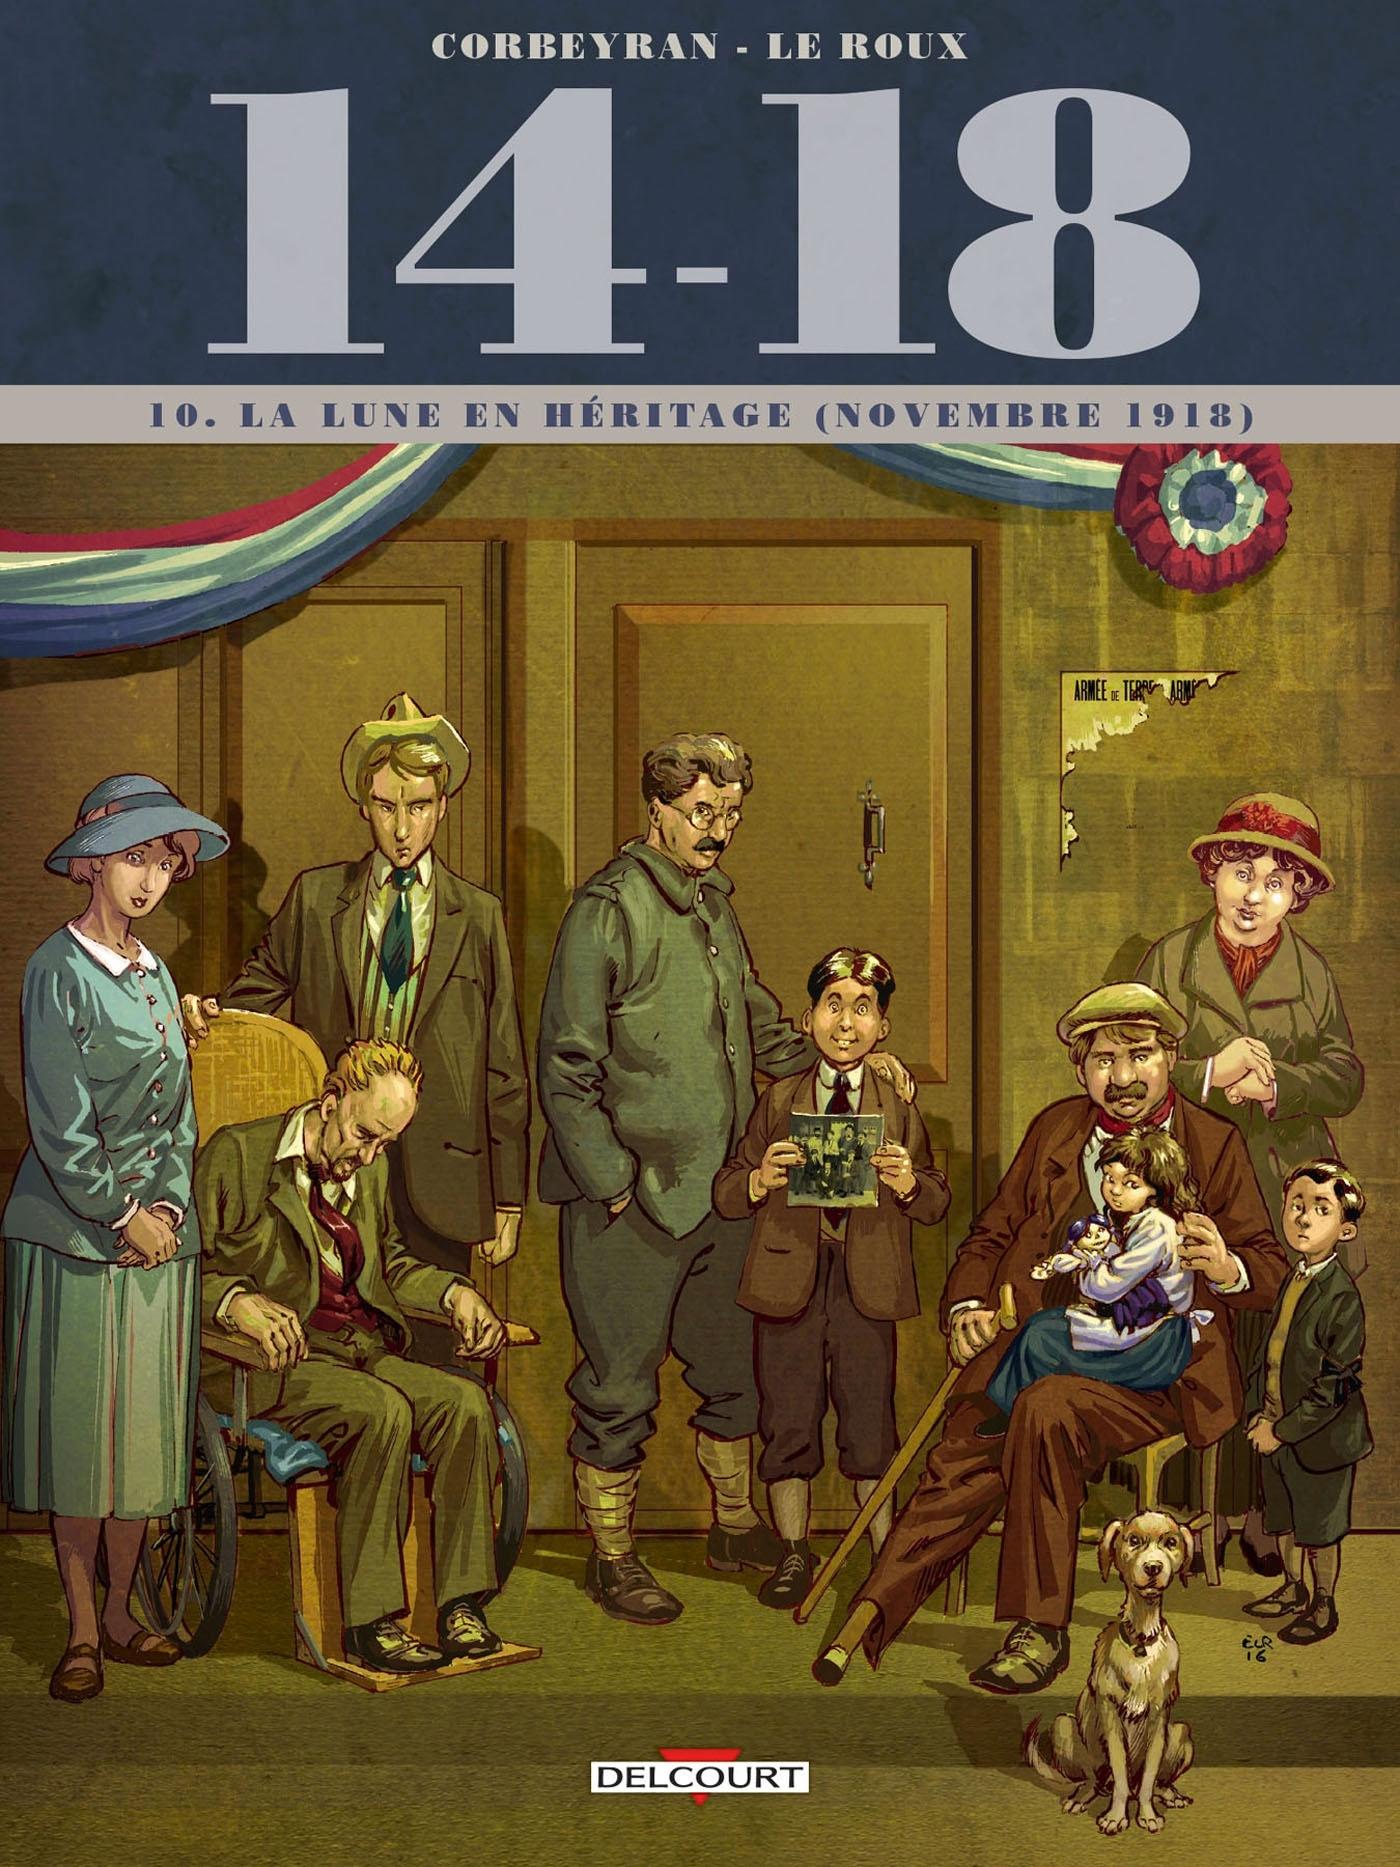 14-18 - 14 - 18 TOME 10. LA LUNE EN HERITAGE (NOVEMBRE 1918)